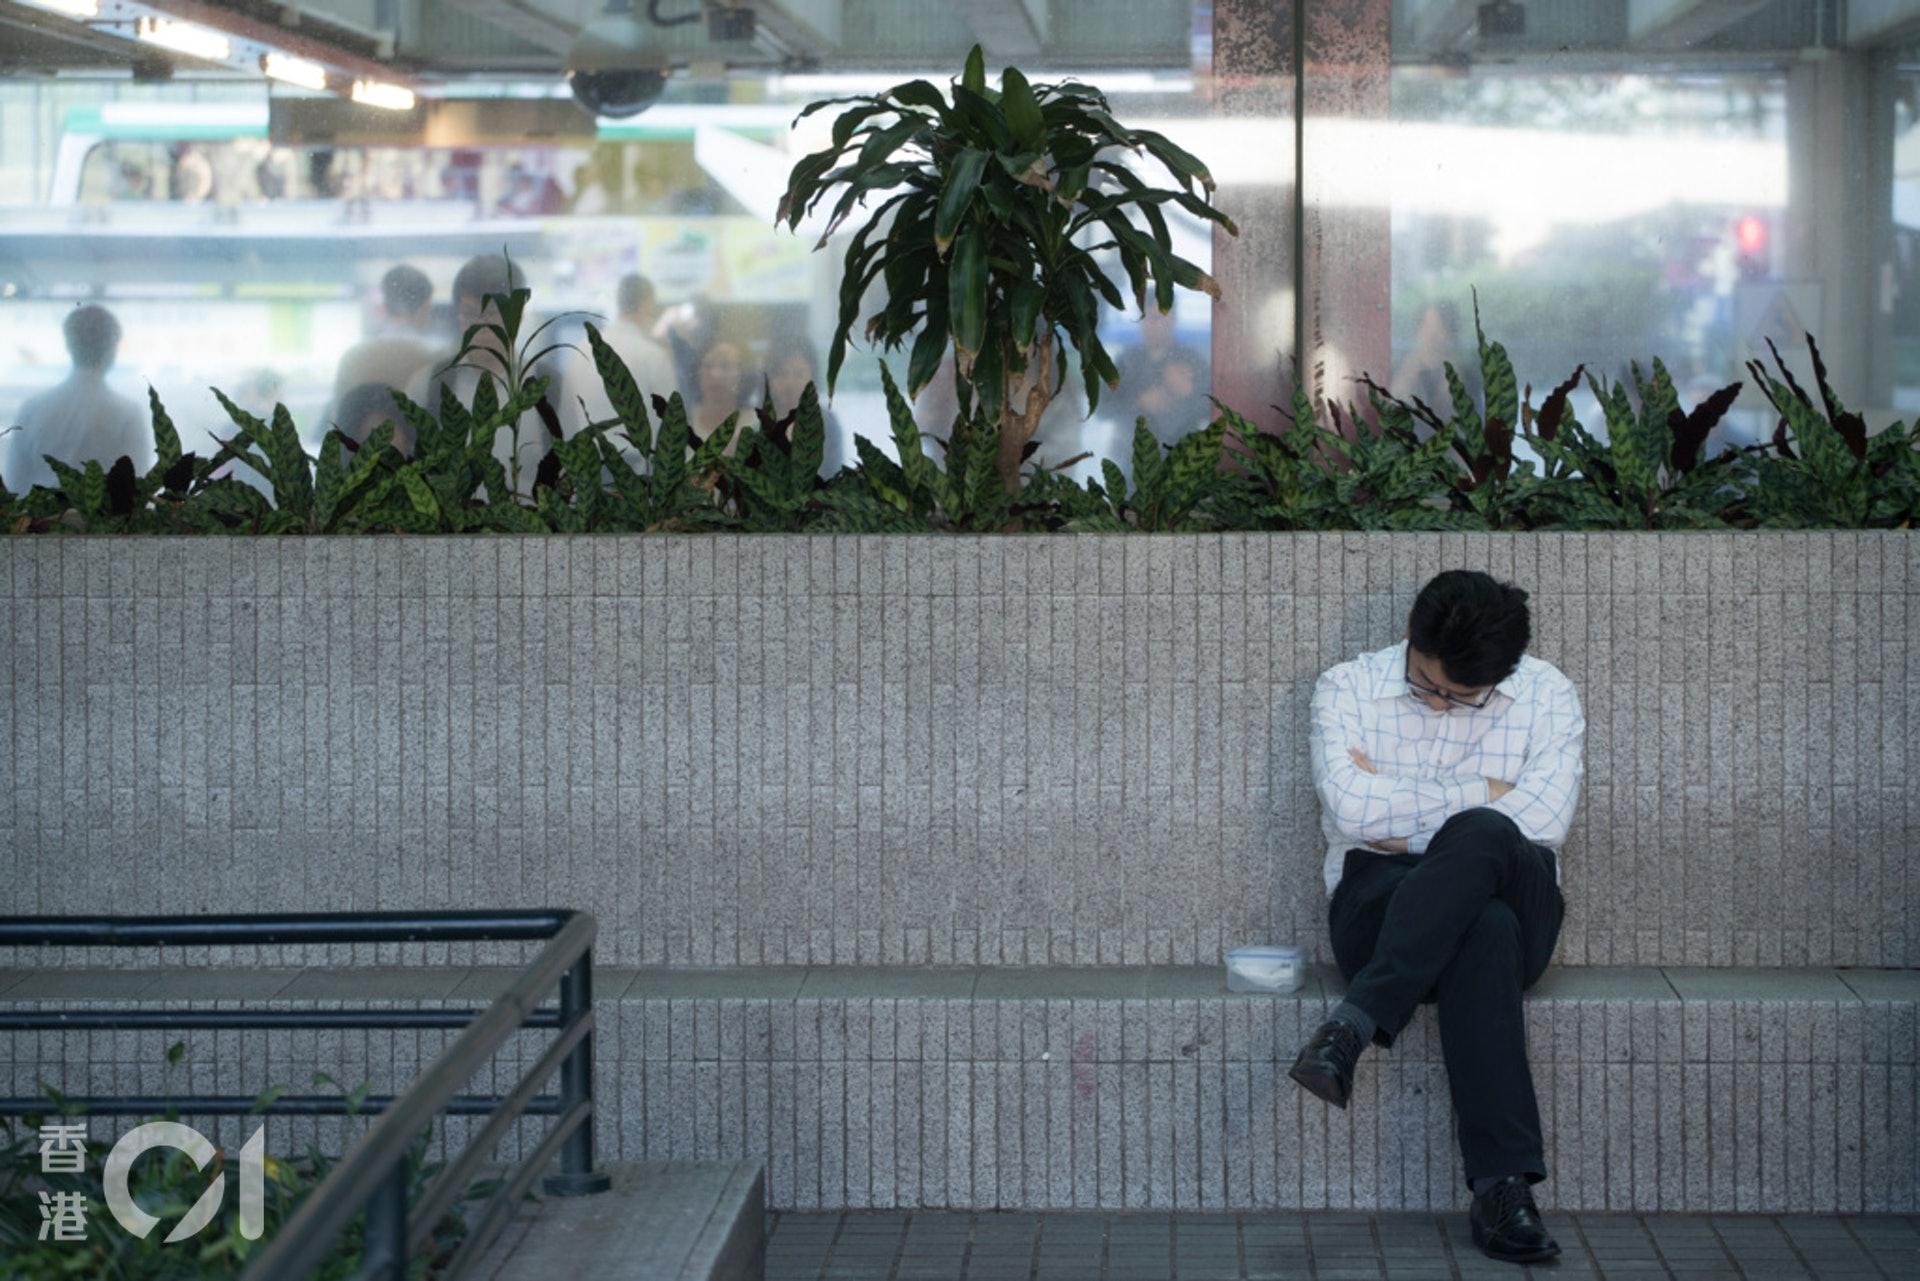 若然工時工資有所規管,長工時就不會成為社會病。(資料圖片/余俊亮攝)